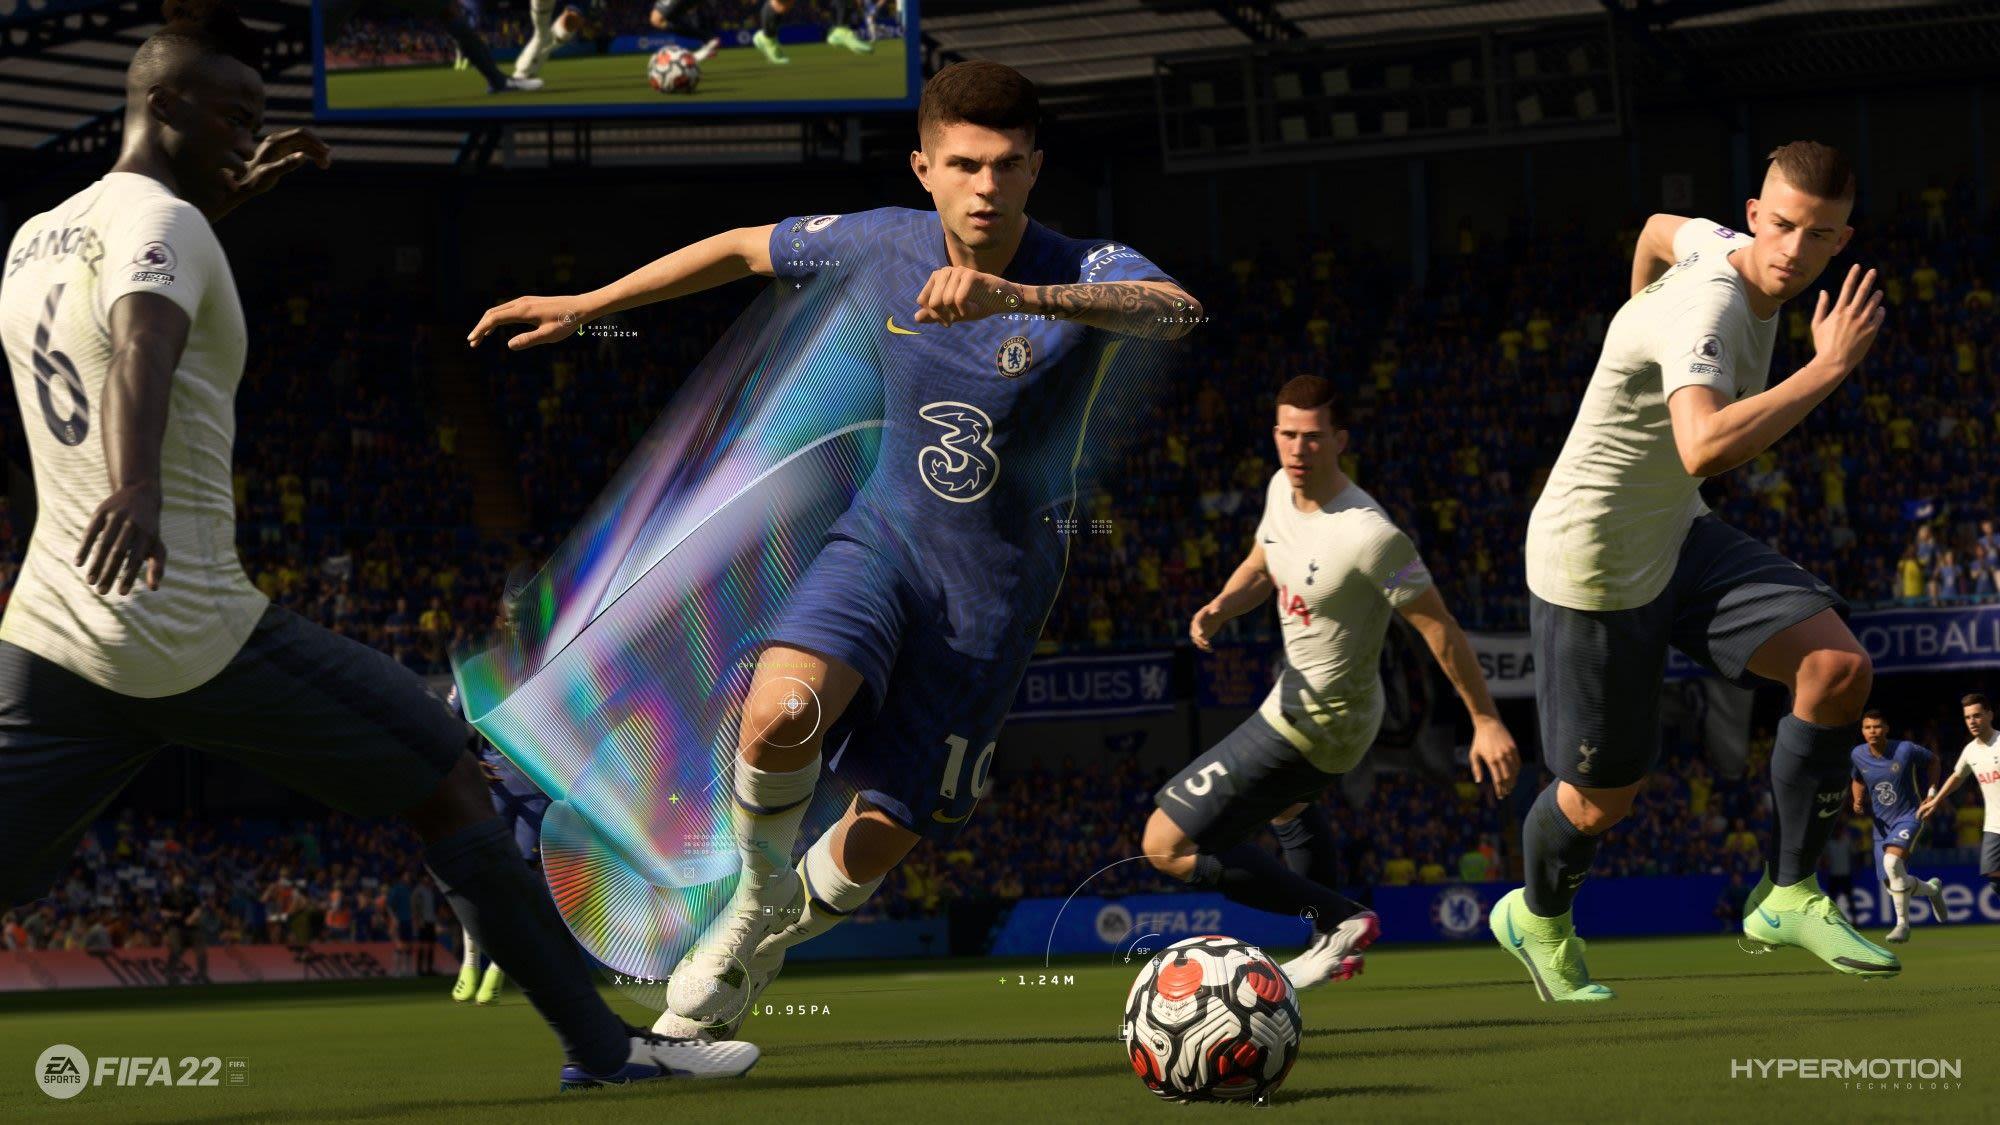 Sprinten, Taktik, Torhüter: Sorgen diese Änderungen für Innovation in FIFA 22?